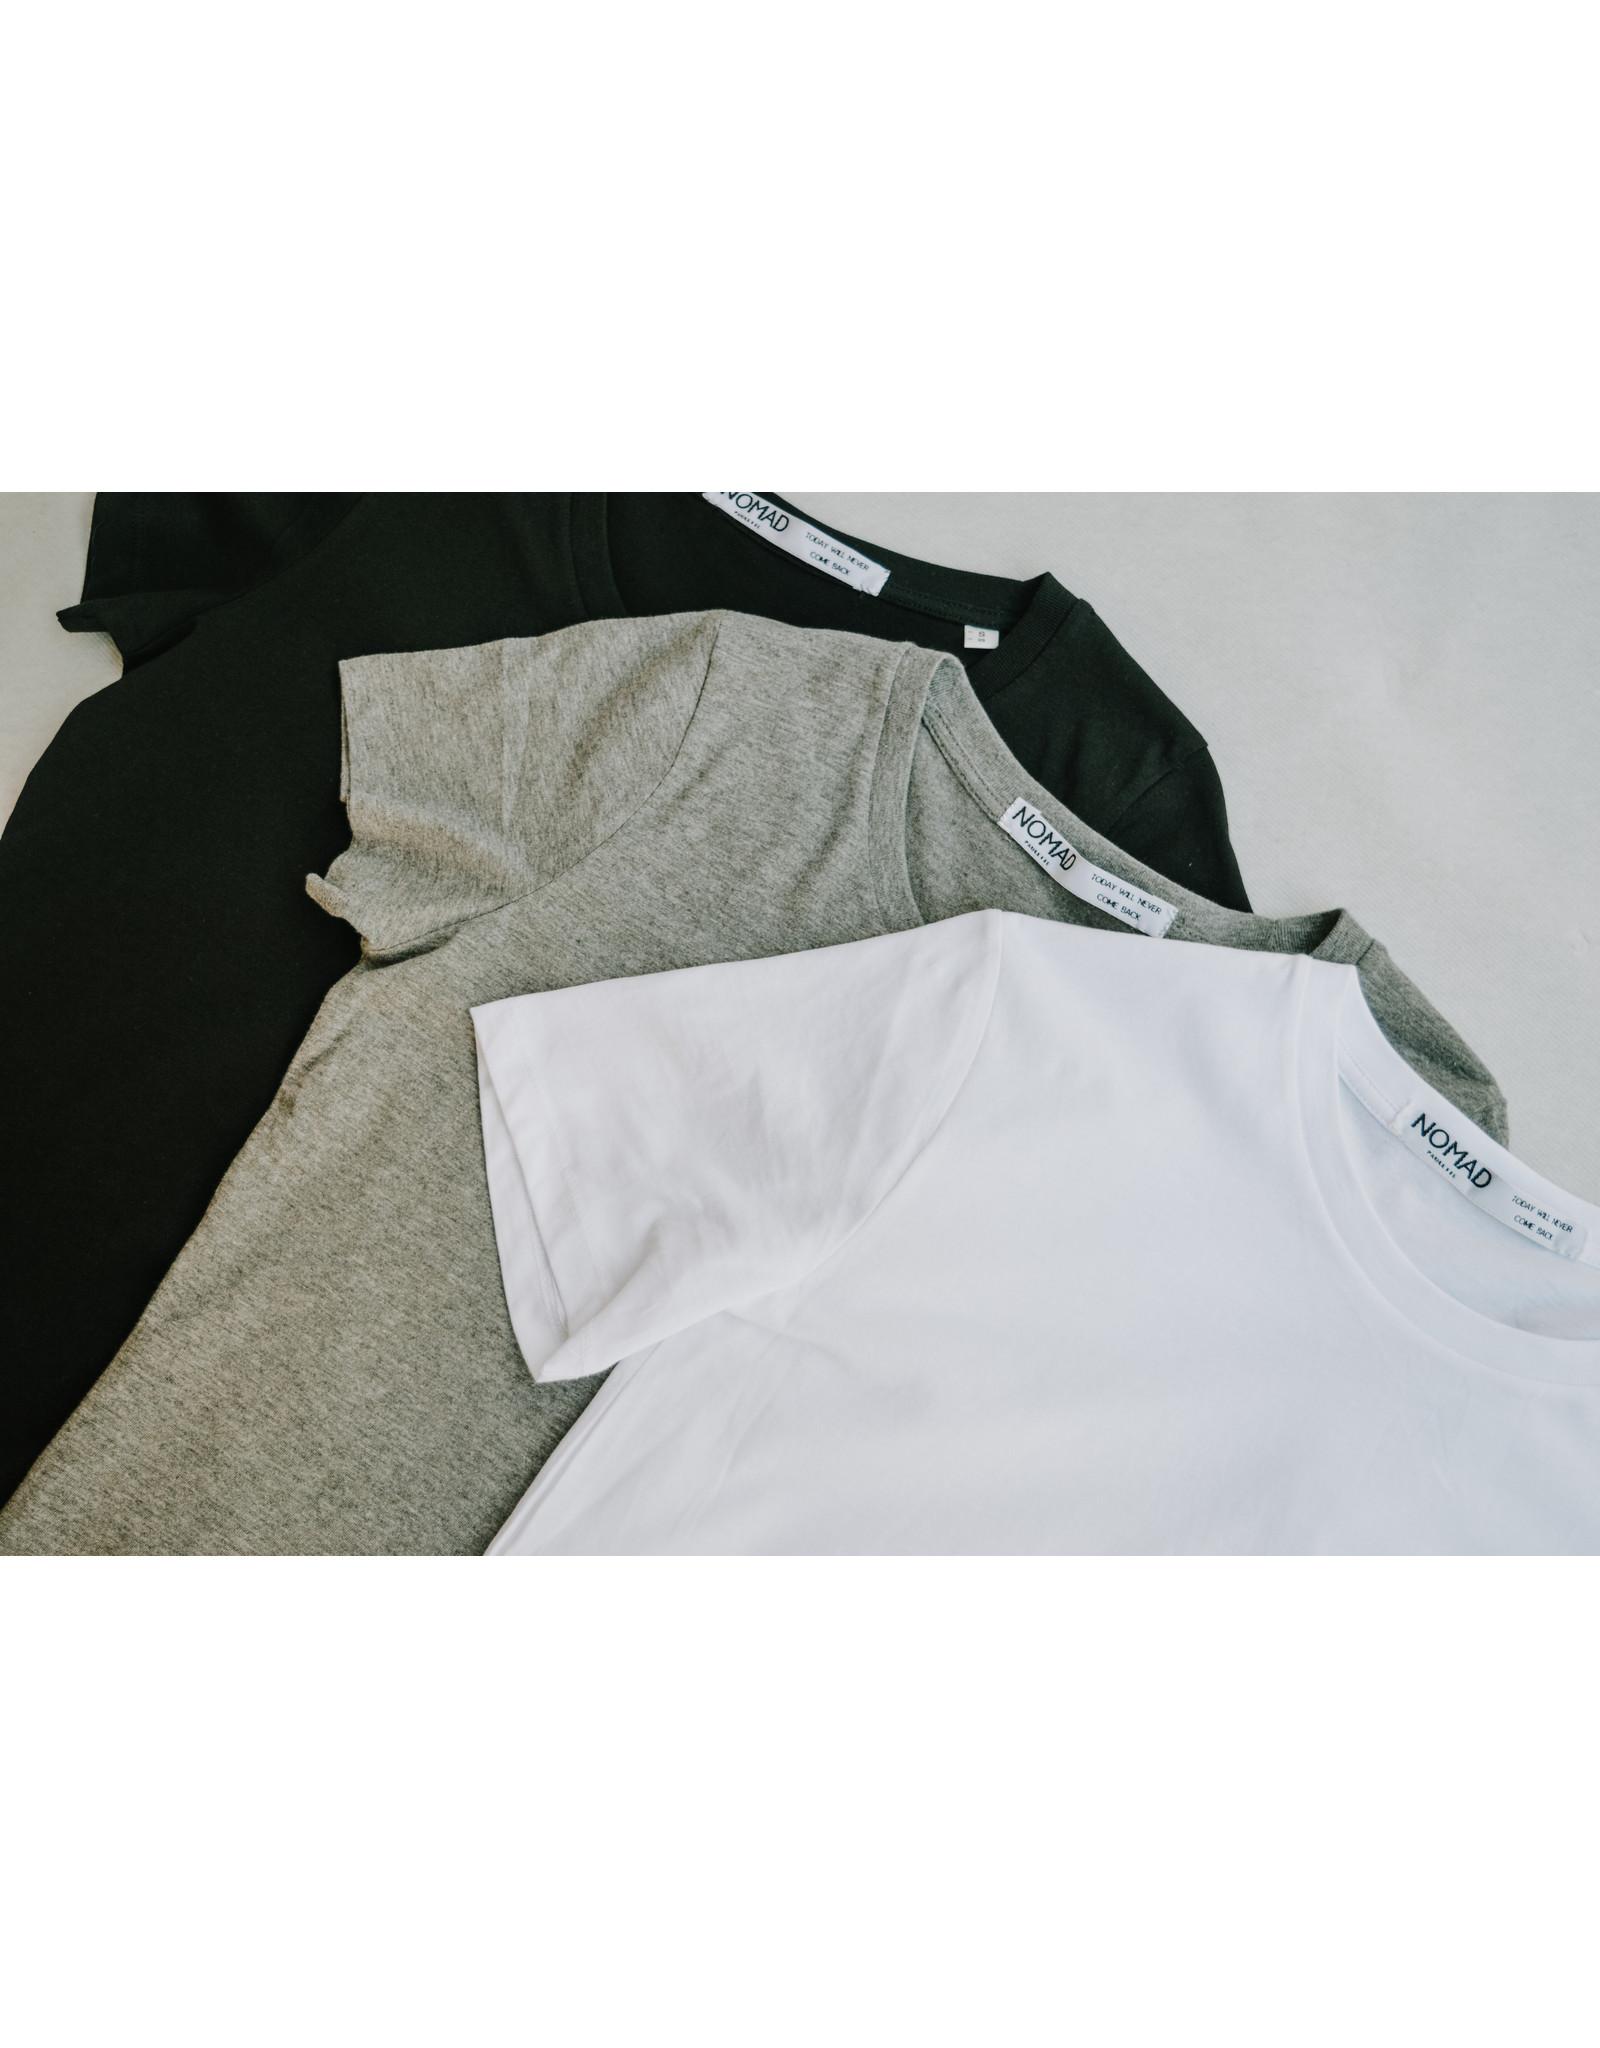 Nomad T-Shirt - Nomad, Wit / Grijs / Zwart